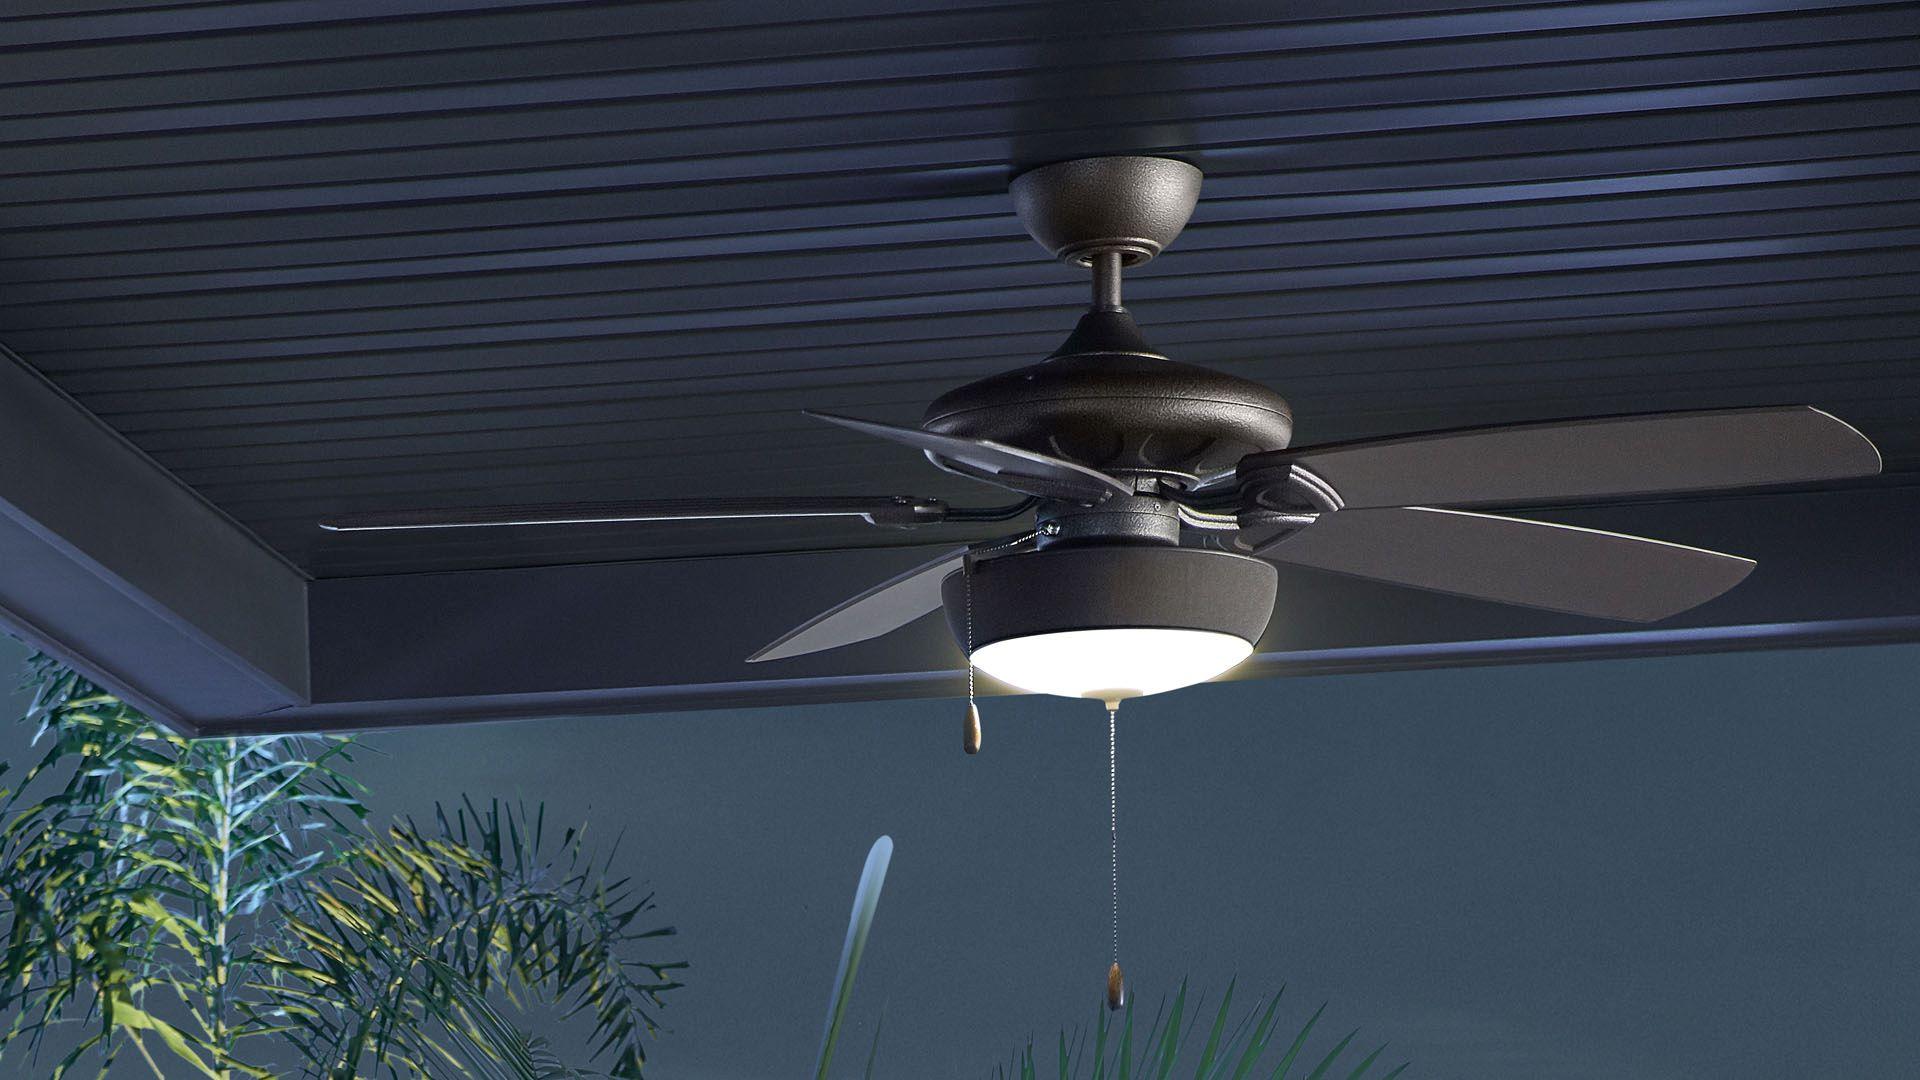 Kichler Ceiling Fan Remote Troubleshooting Best Fan In